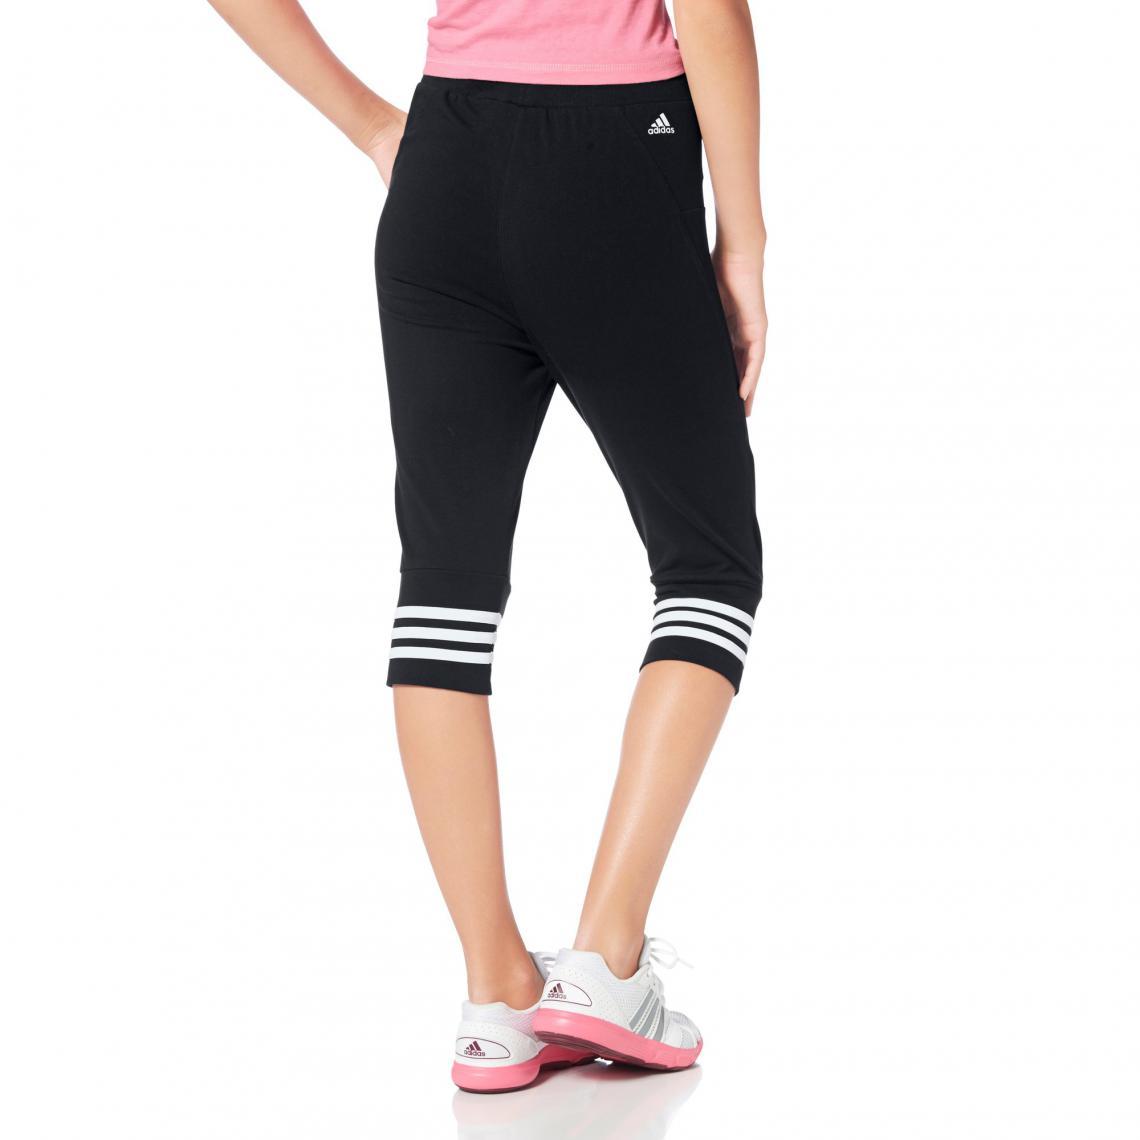 4e2c7f600d107 Short   Bermuda Adidas Performance Cliquez l image pour l agrandir.  Pantacourt de sport taille élastiquée enfant adidas Performance - Noir ...